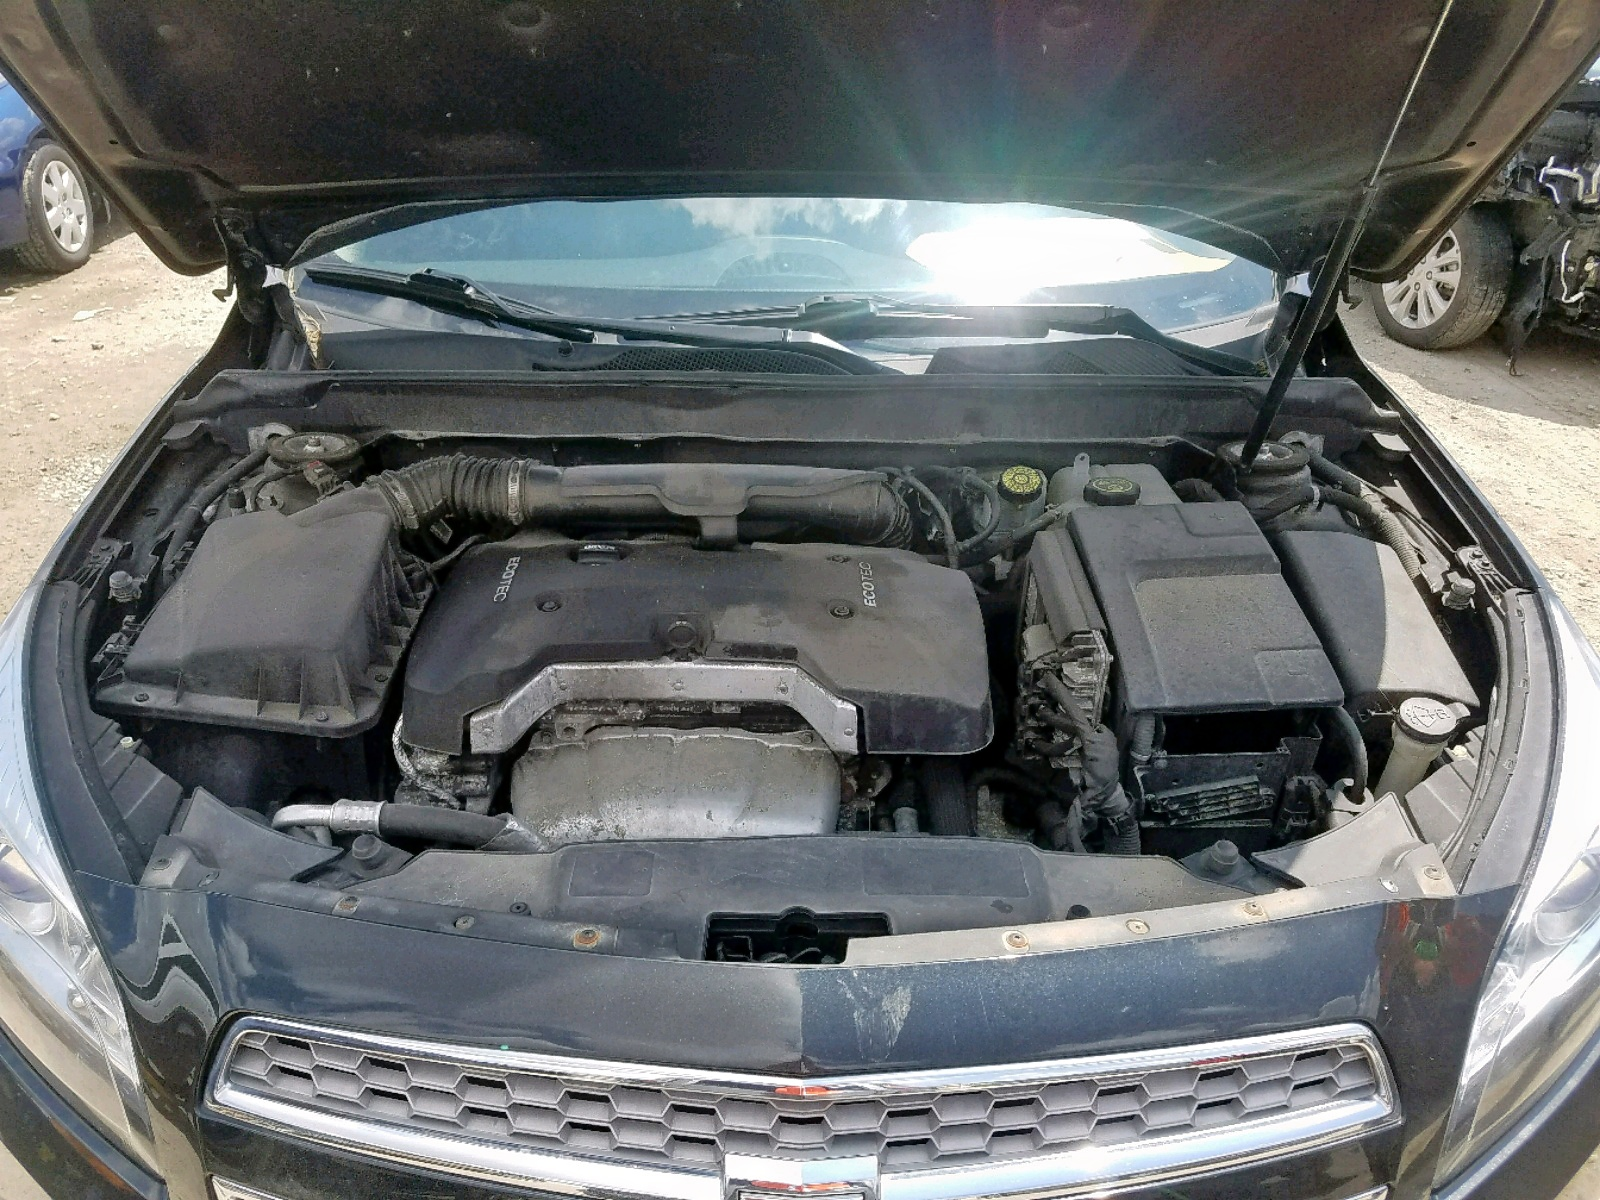 2013 Chevrolet Malibu Ltz 2.5L inside view